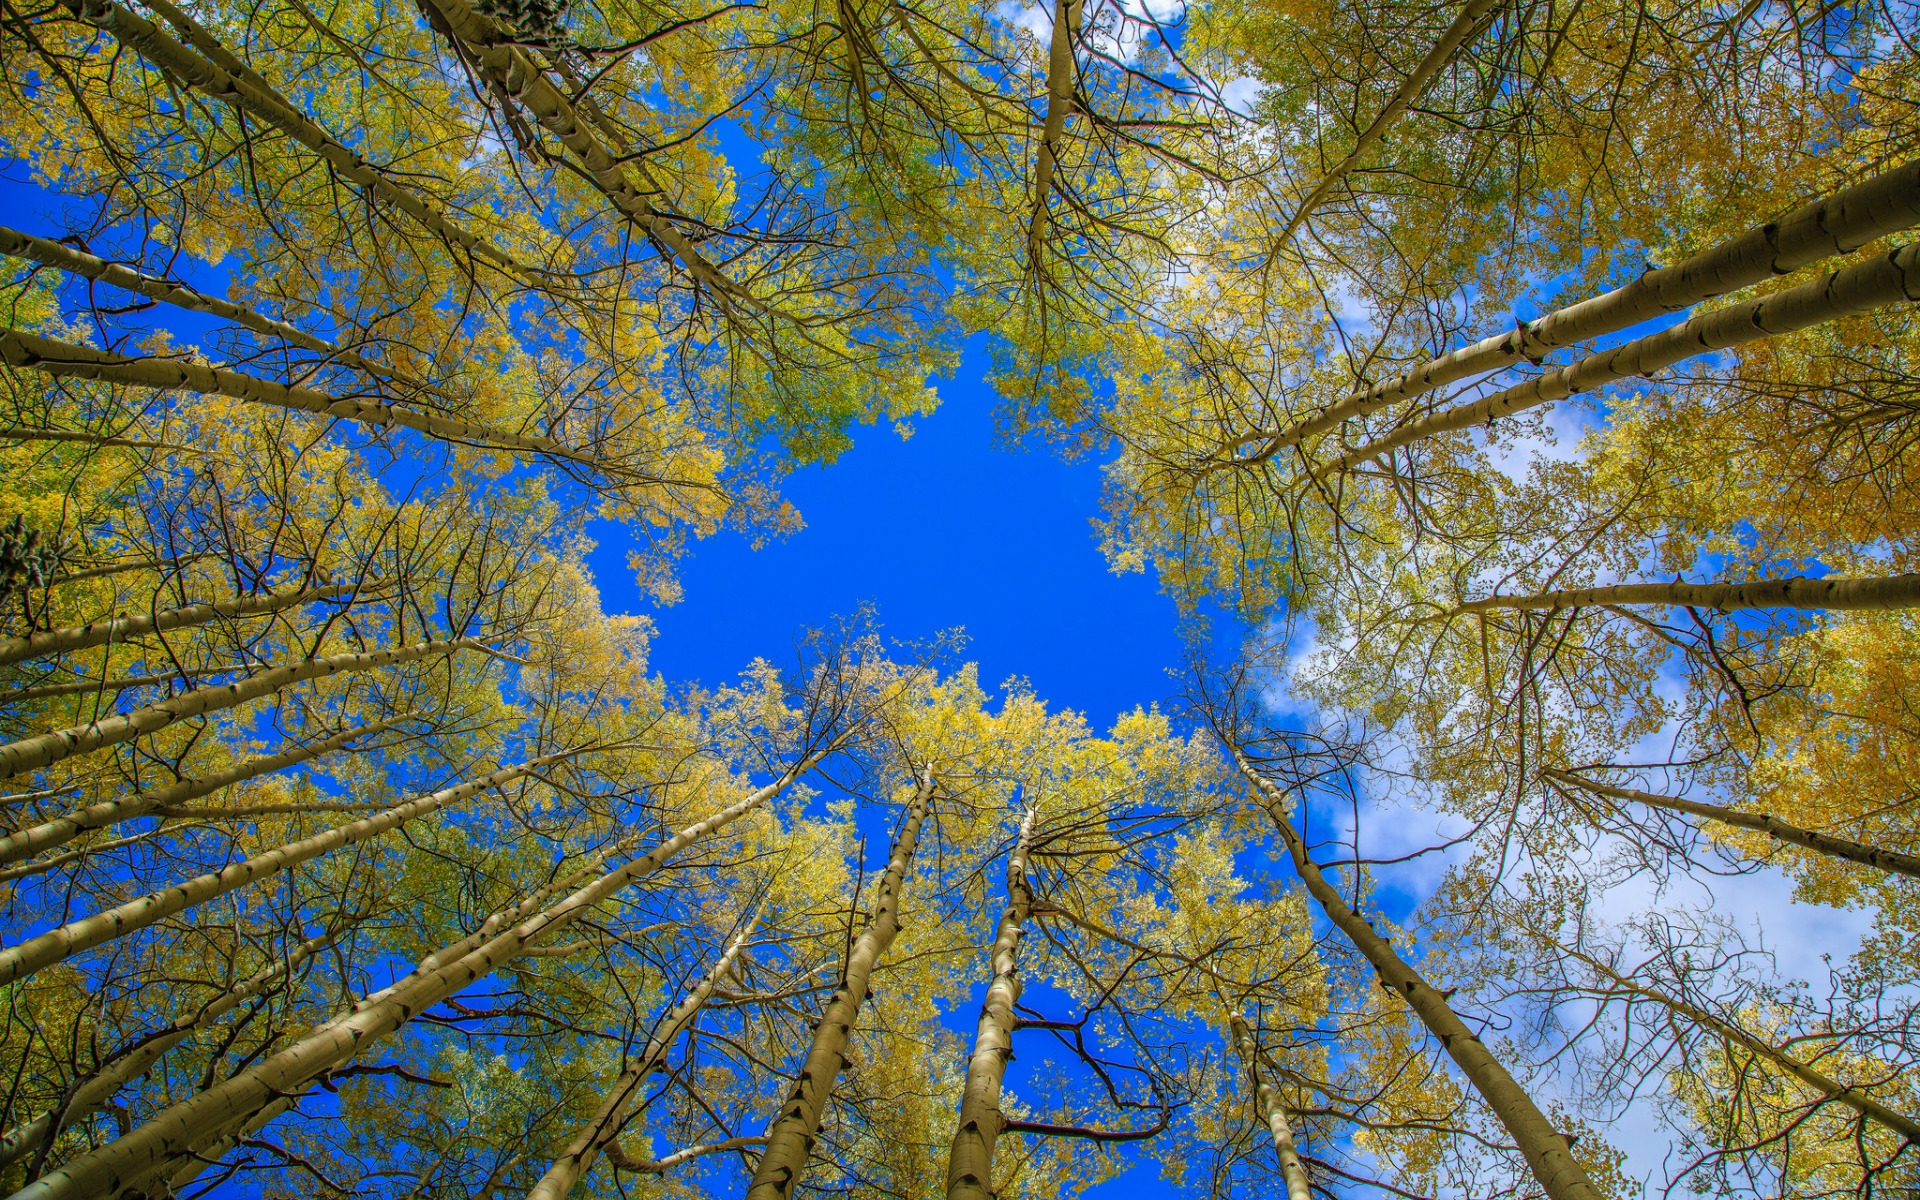 картинки небо сквозь деревья